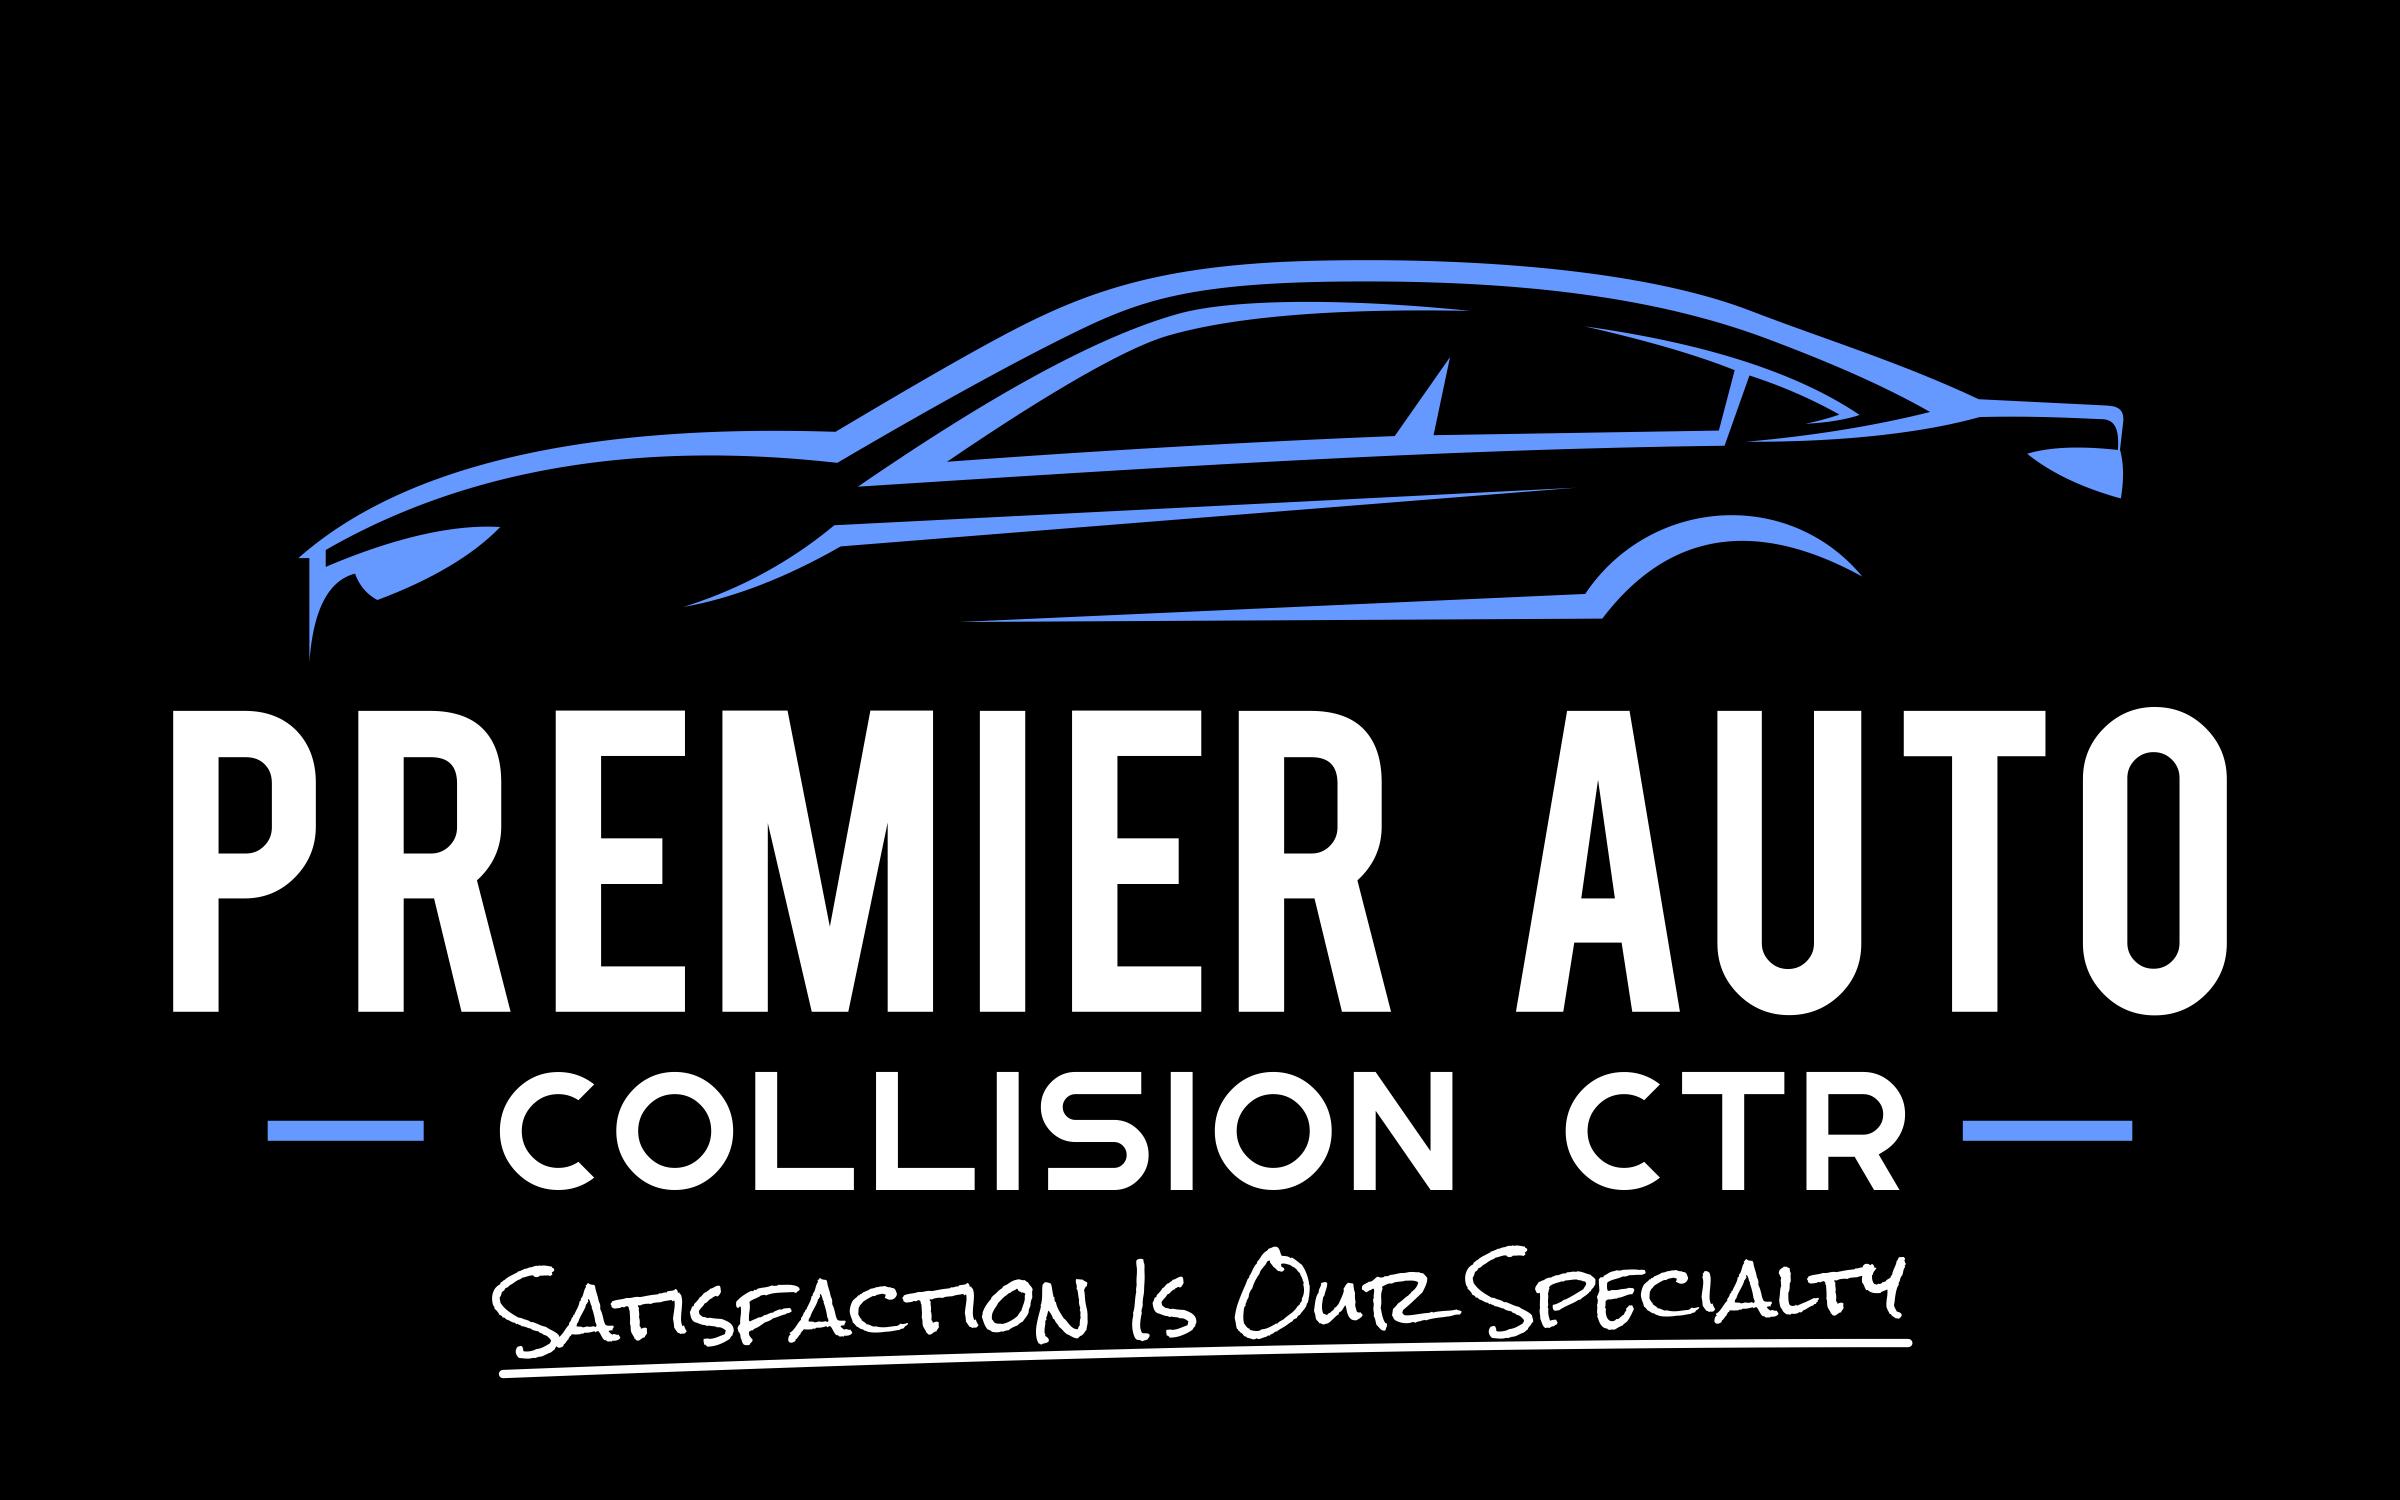 Premier Auto Collision CTR